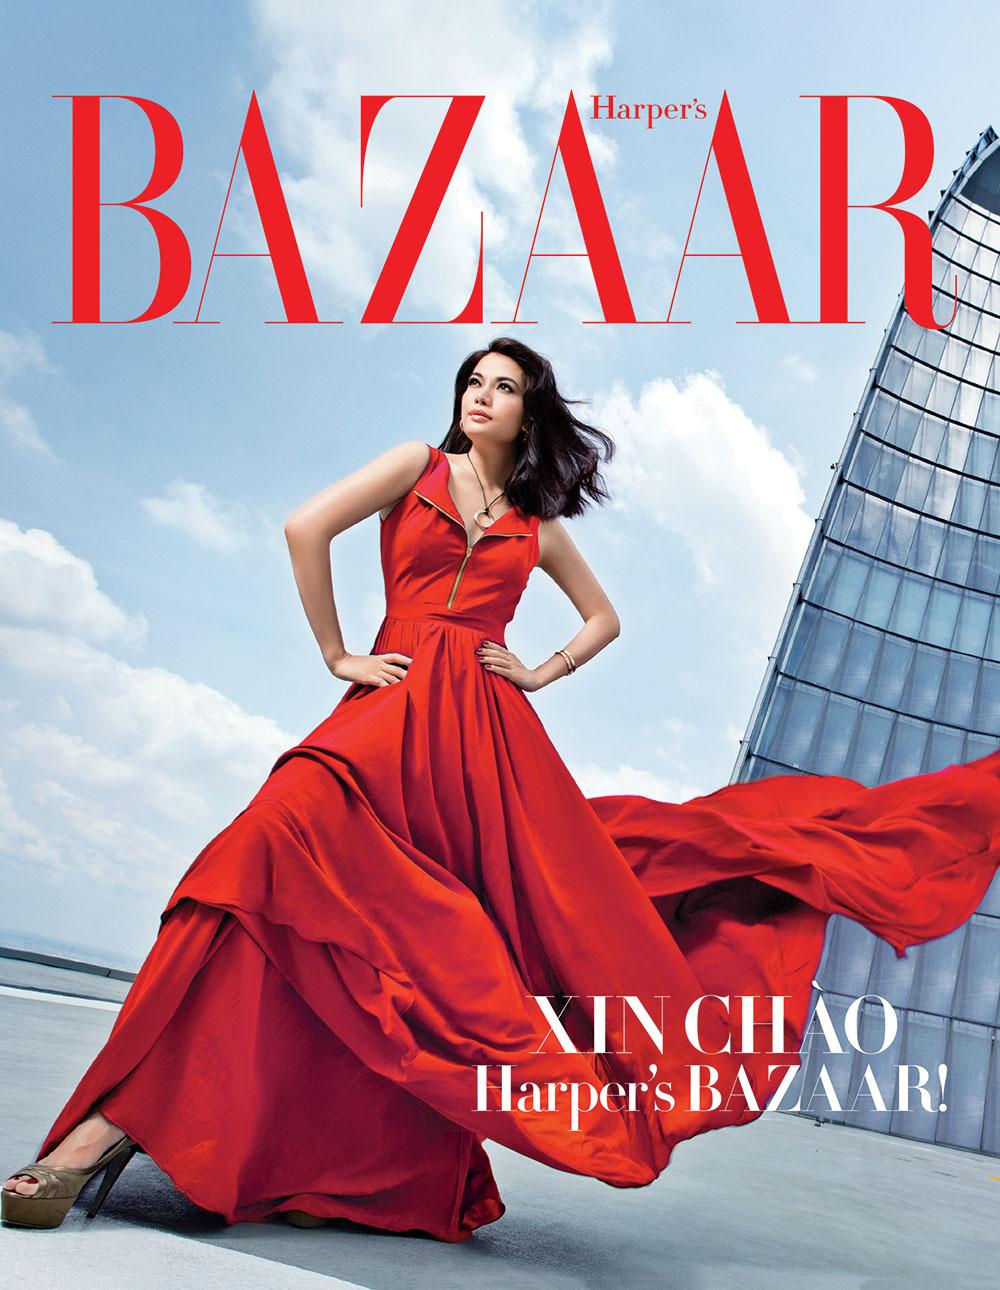 Trương Ngọc Ánh là gương mặt trang bìa đầu tiên của Harper's Bazaar tại Việt Nam